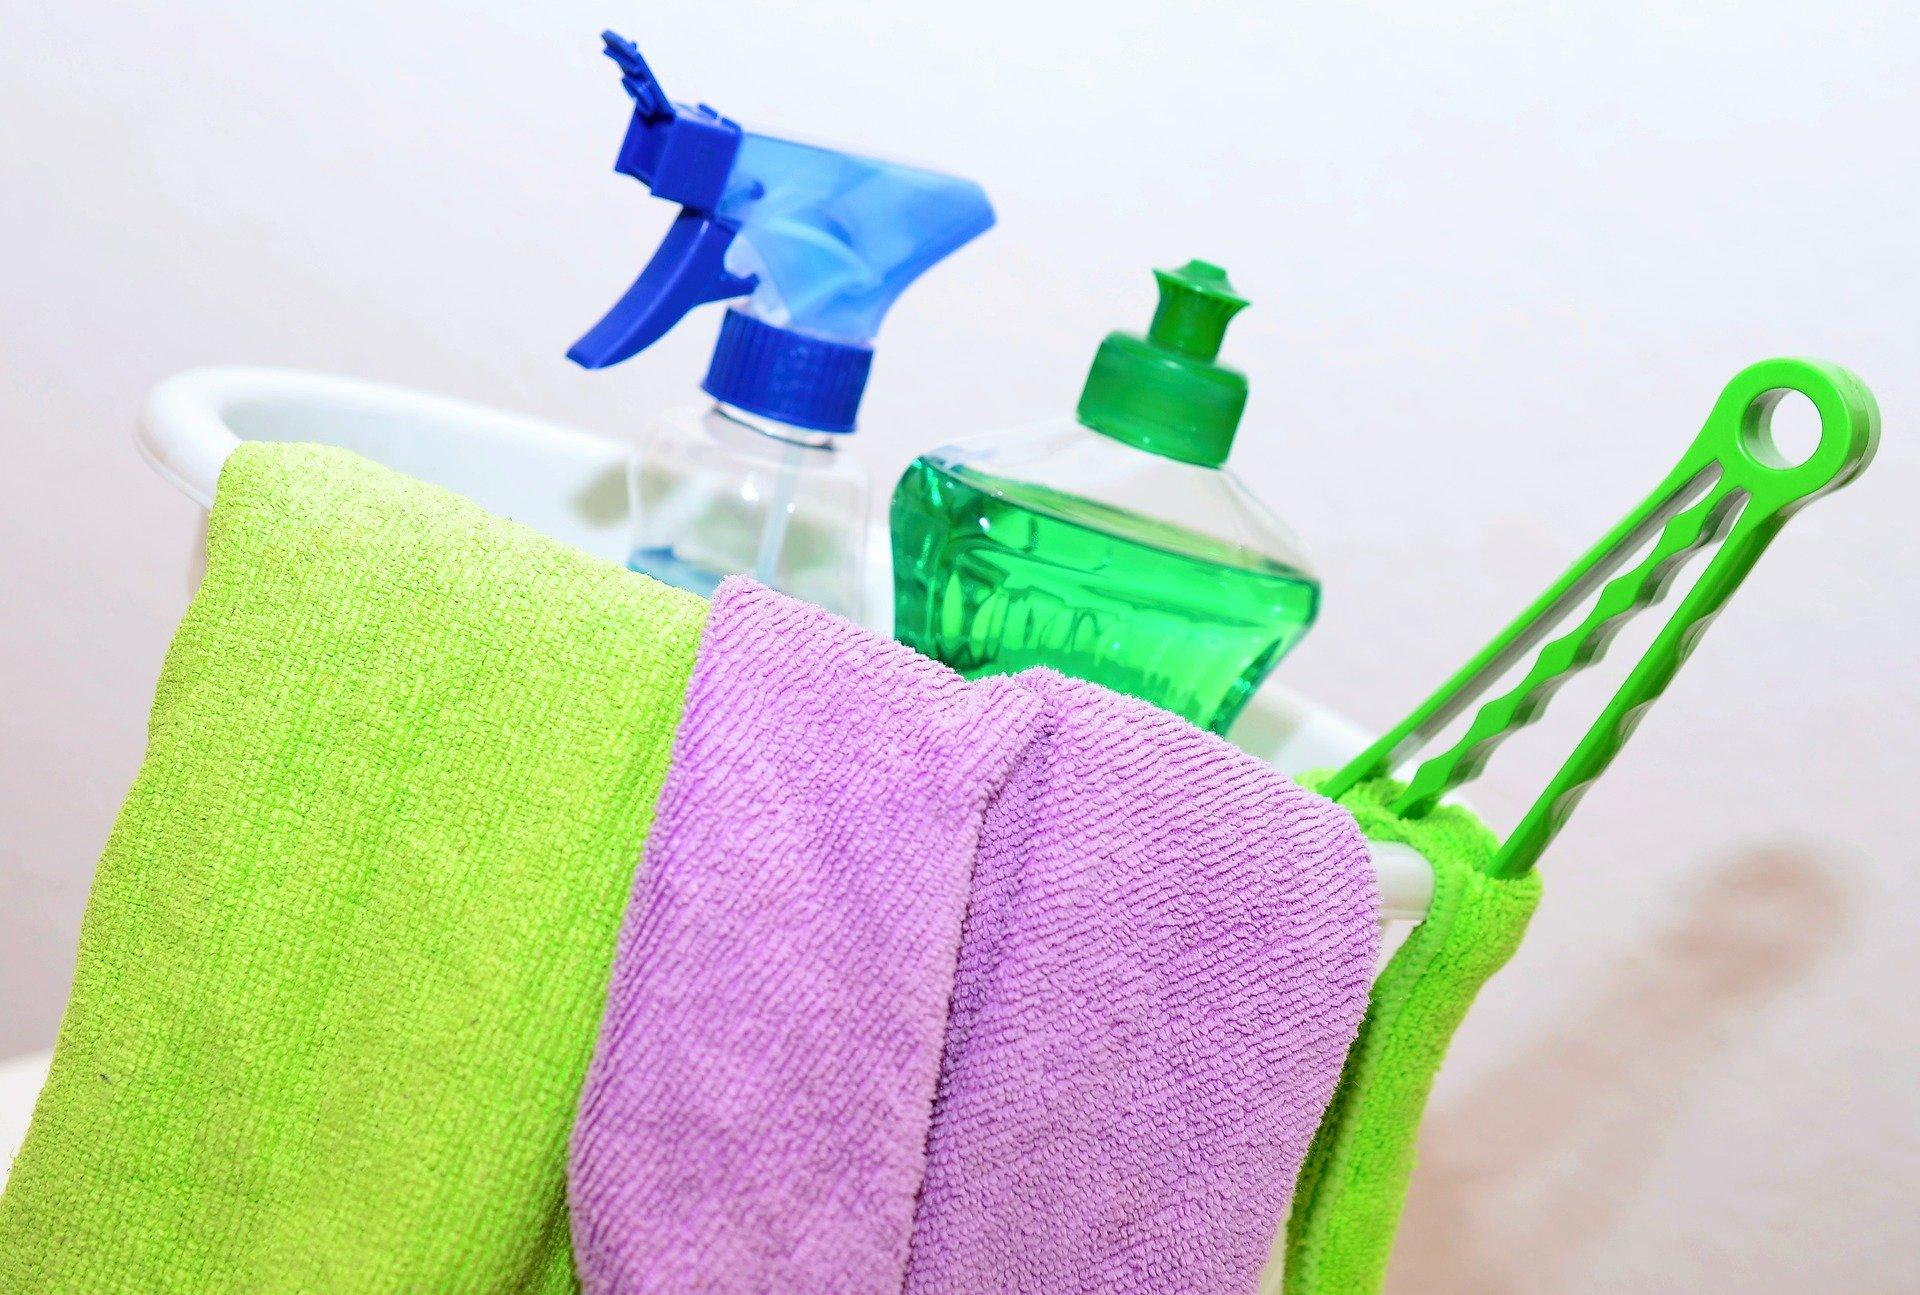 Cursos Limpieza Tratamiento y Mantenimiento de Suelos Paredes y Techos en Edificos y Locales